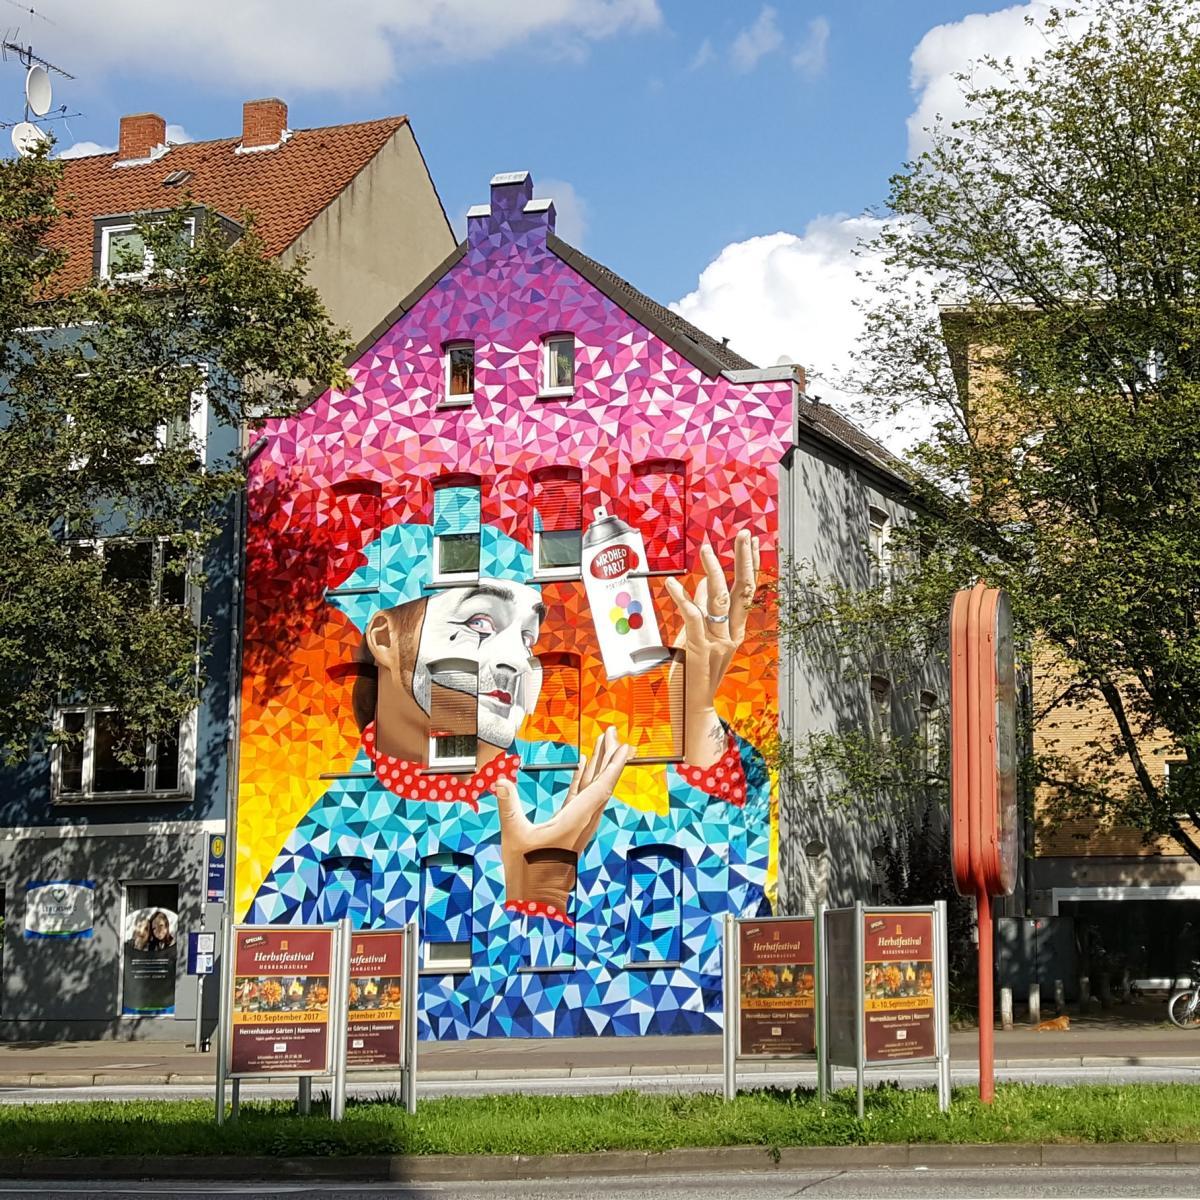 style hannover street art celler straße23 MrDheo ParizOne 4 INSTA - Die schönsten Freizeit-Aktivitäten zum Frühling